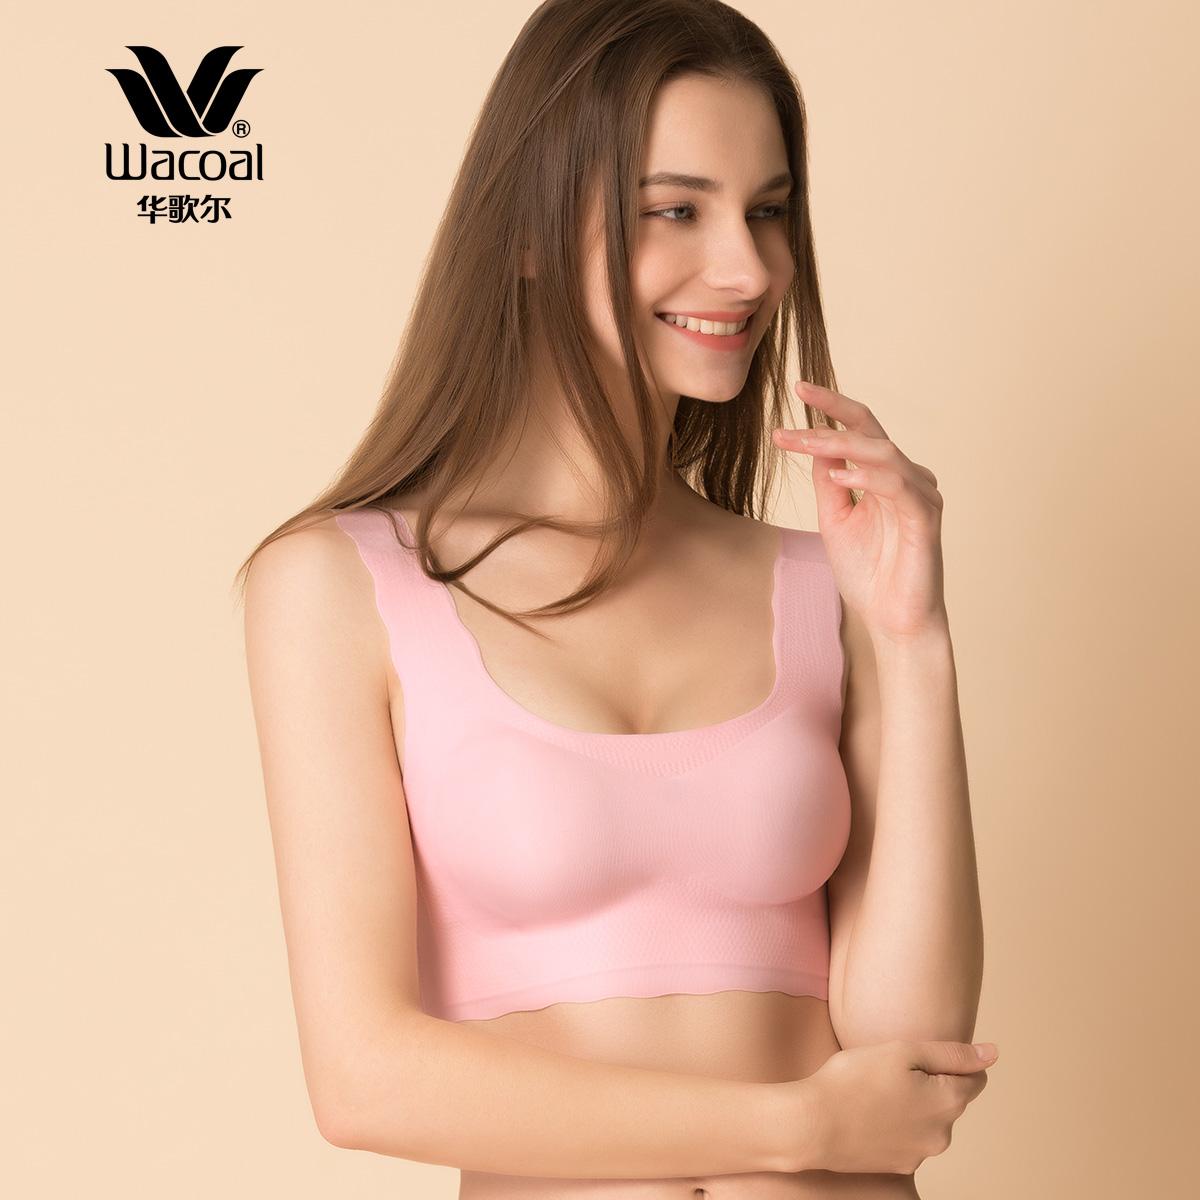 华歌尔Wacoal 花生型衬垫无痕薄款女士背心式无钢圈文胸 WB8637